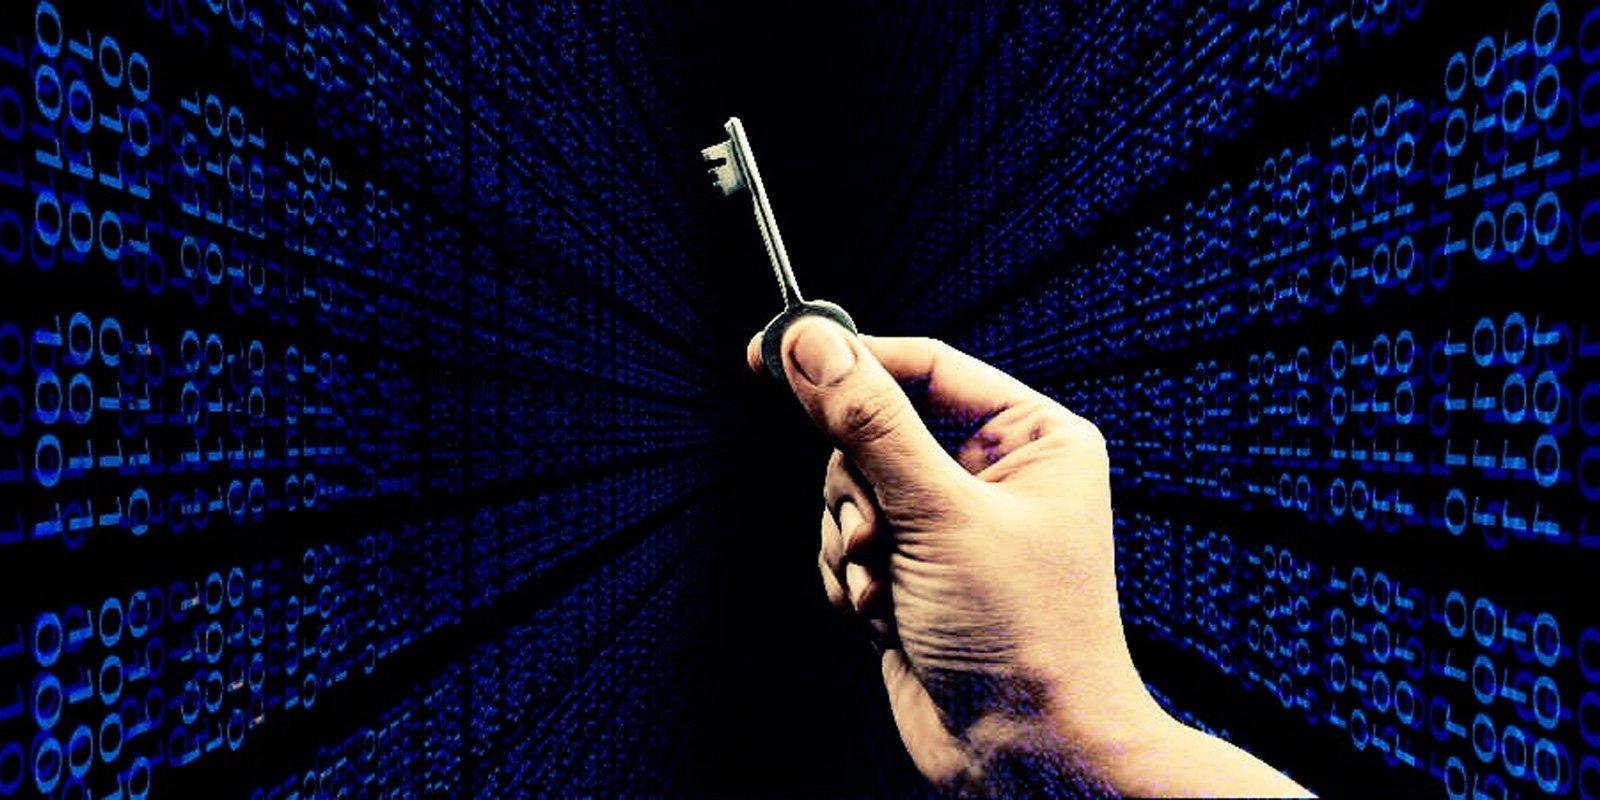 В коде LockBit нашли баг, из-за которого расшифровать данные можно бесплатно